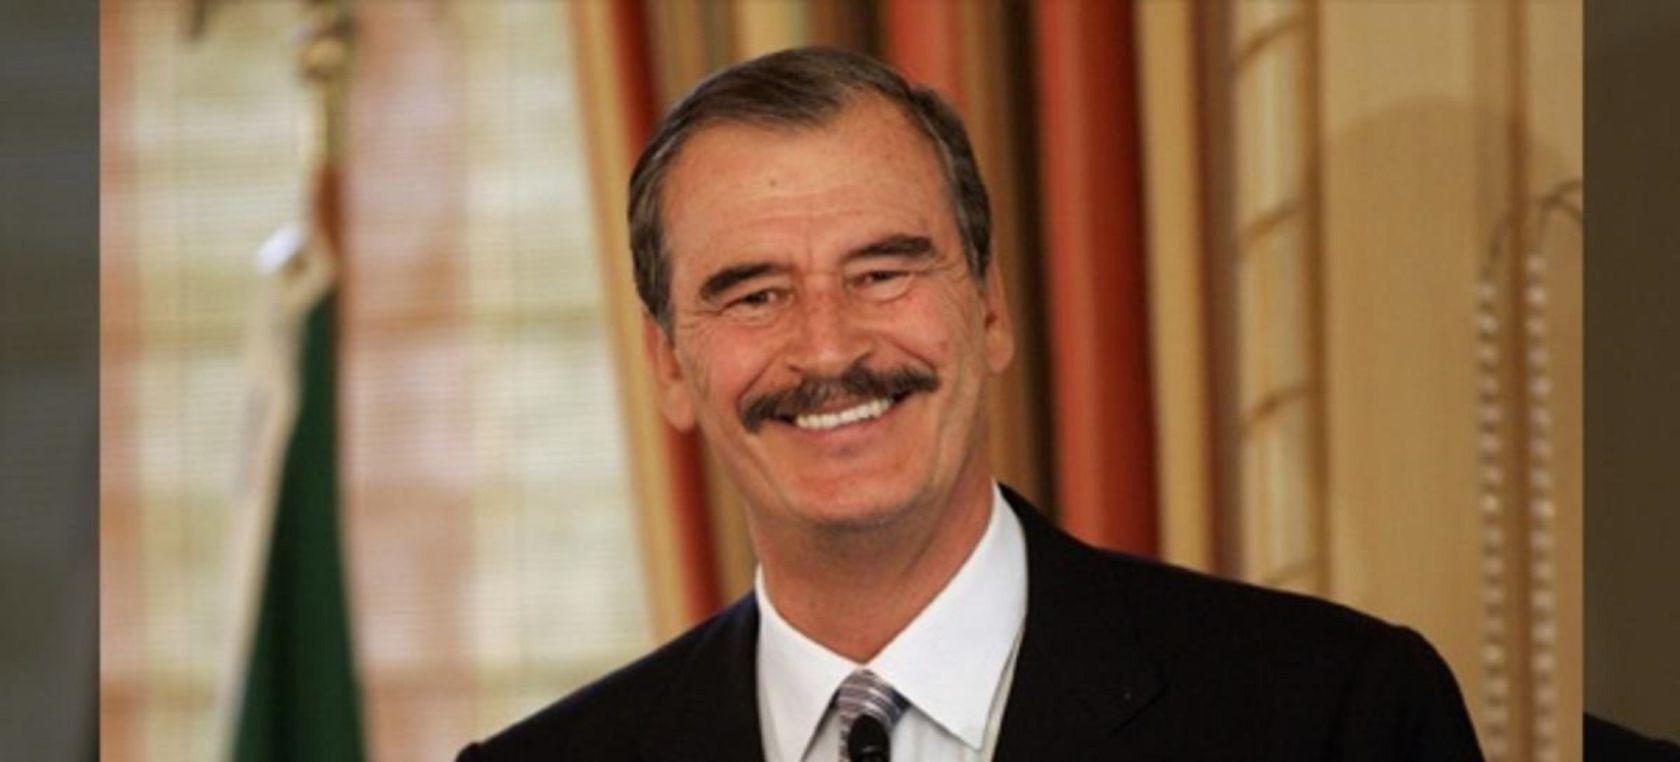 Vicente Fox desesperado,ardido y desmochado por la  pensión que le quitaron de México